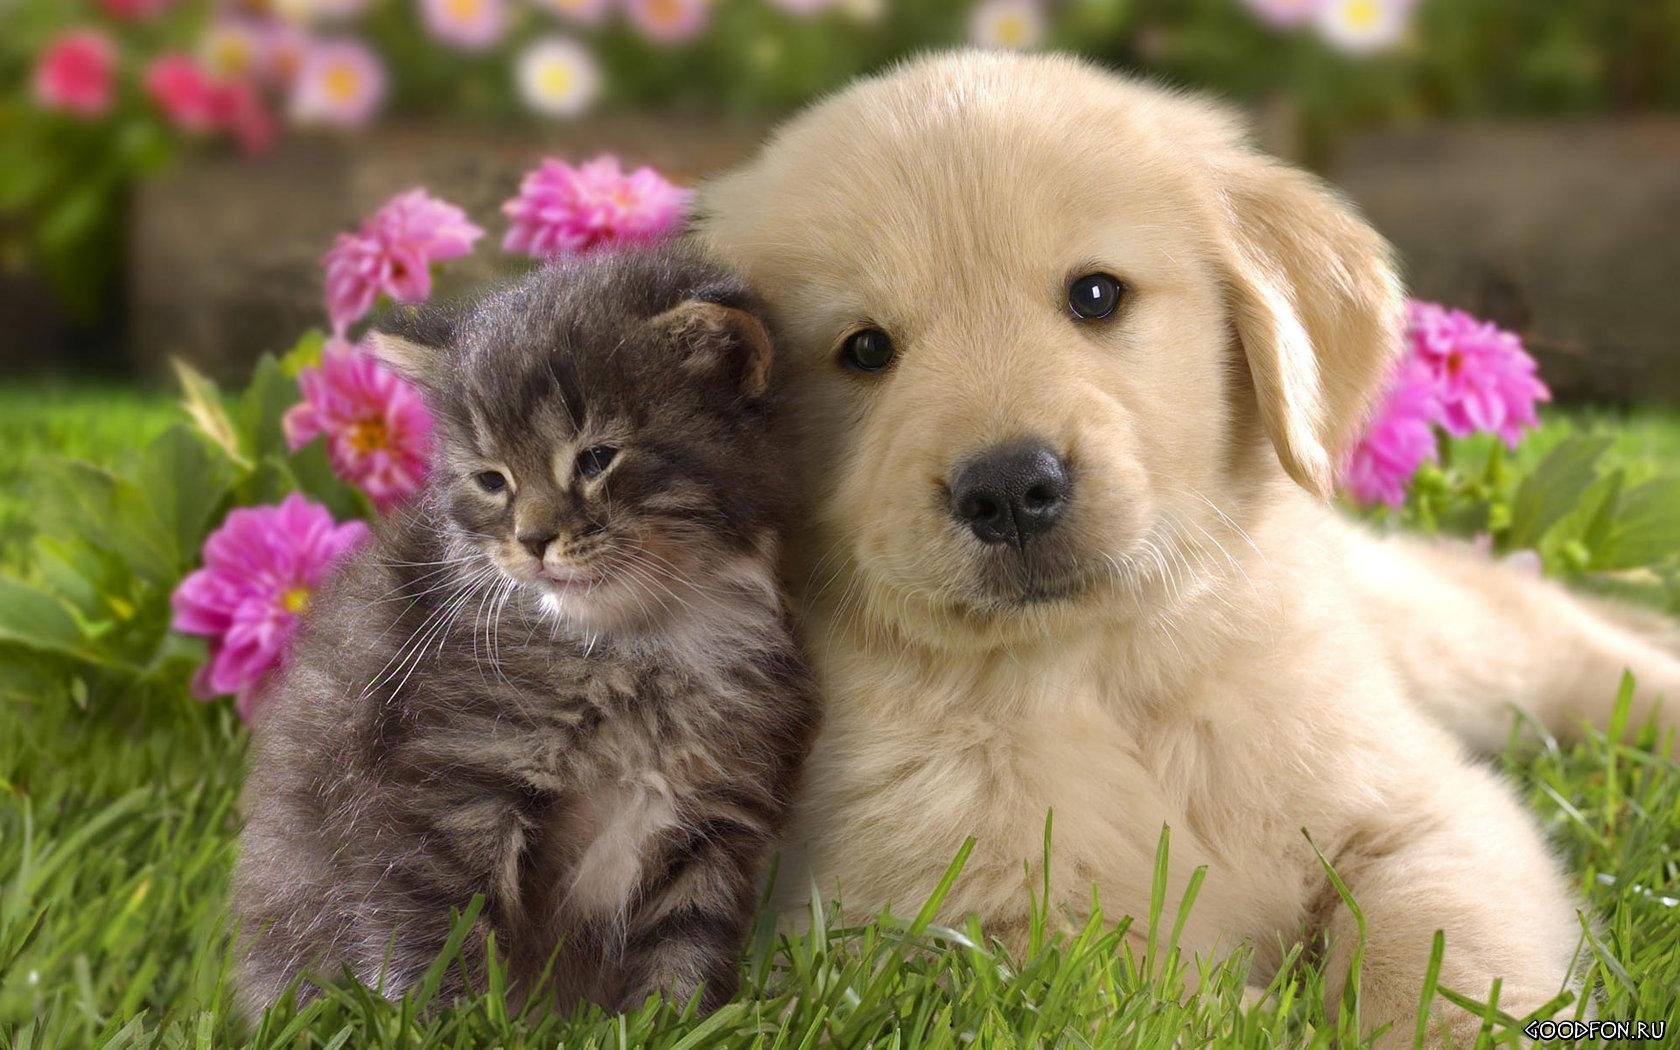 Собака и кот 1680 x 1050